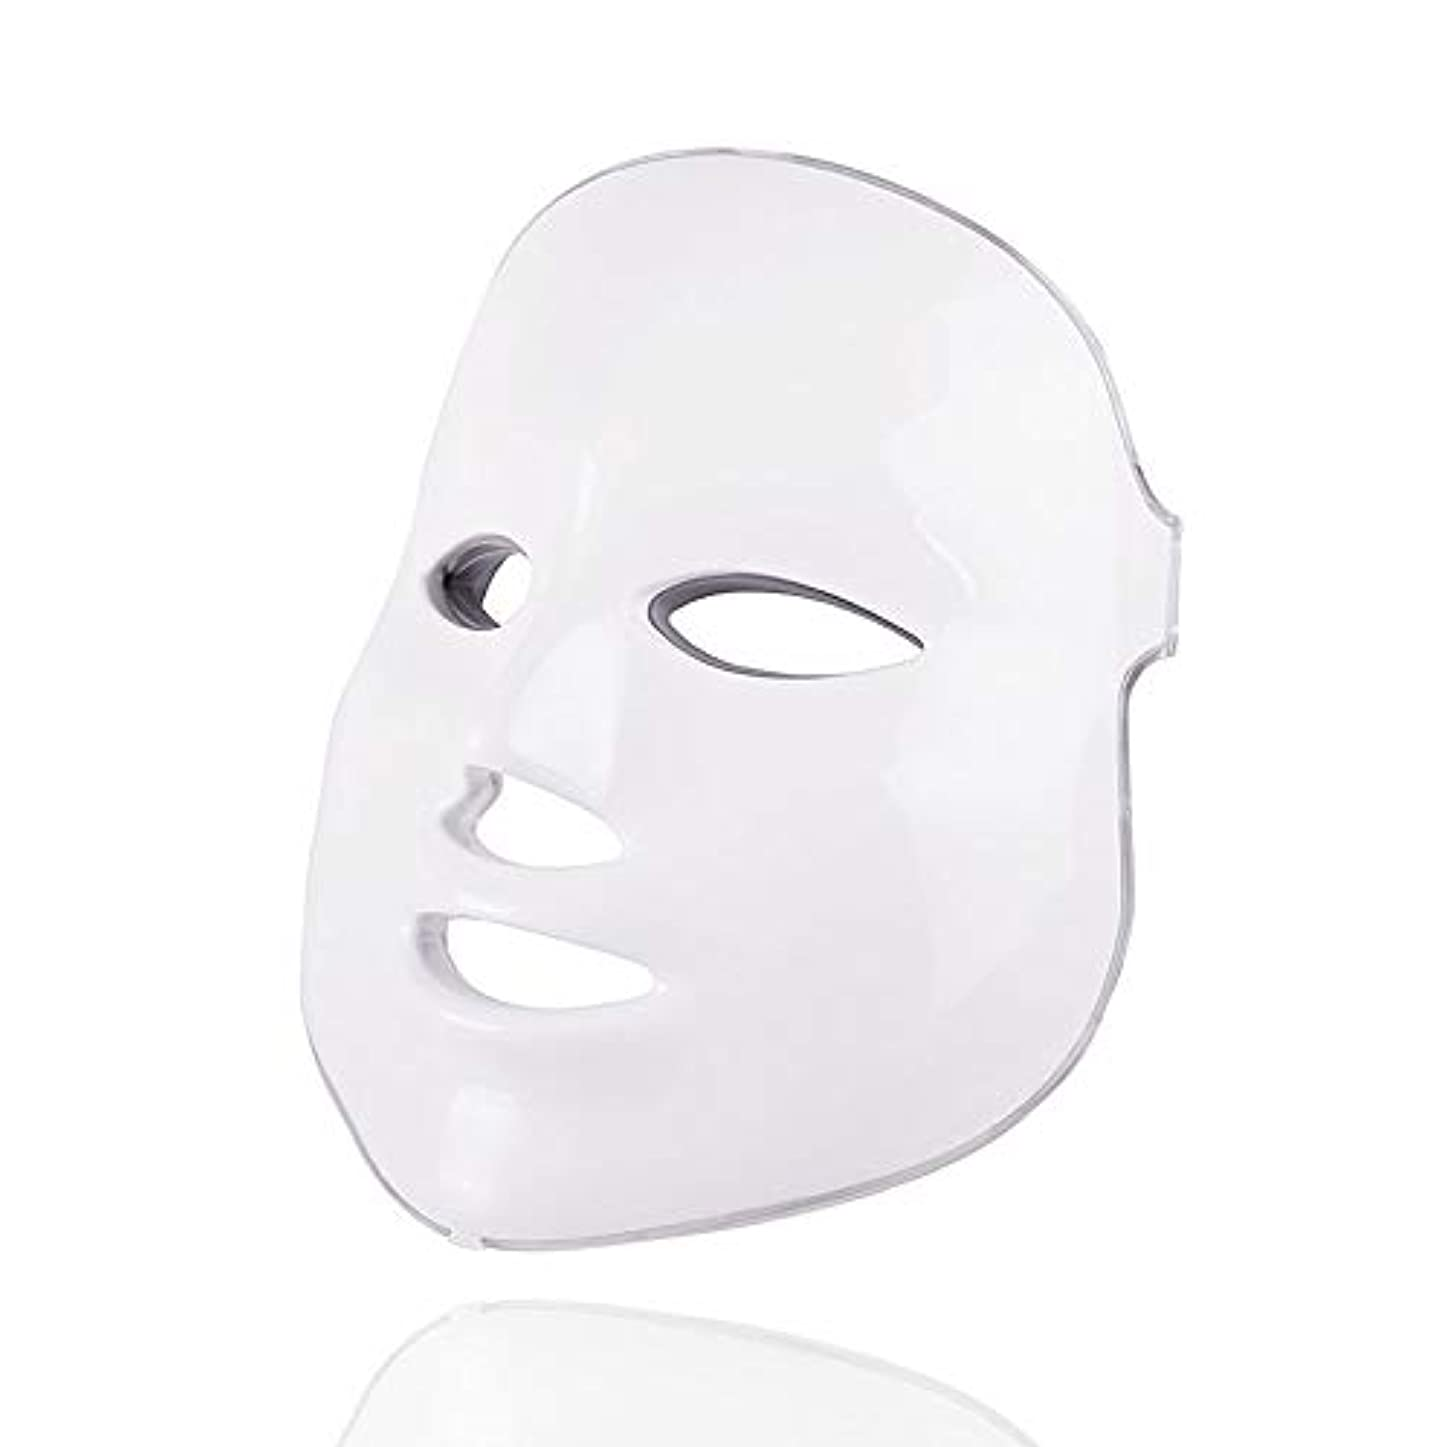 執着目覚めるスケルトン7色美容療法光子、ledフェイシャルマスクライトスキンケア若返りしわにきび除去顔美容スパ楽器